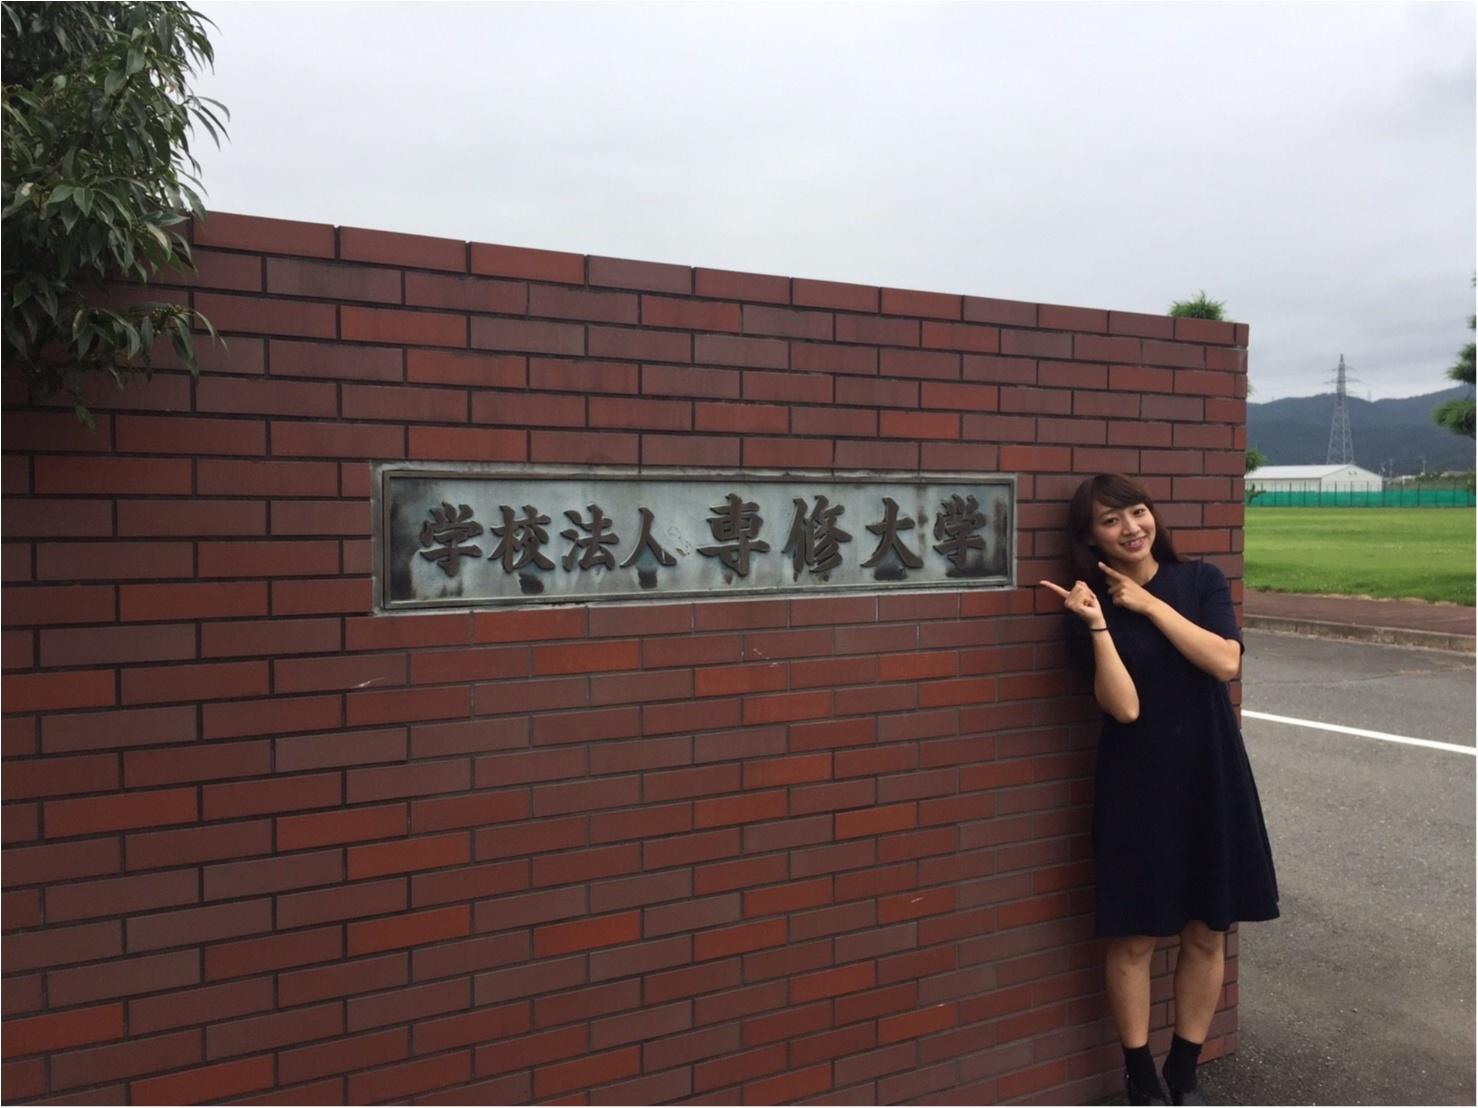 ツール・ド・東北まであと一カ月! 私たちが走る女川・雄勝フォンドの下見に!!【#モアチャレ ほなみ】_2